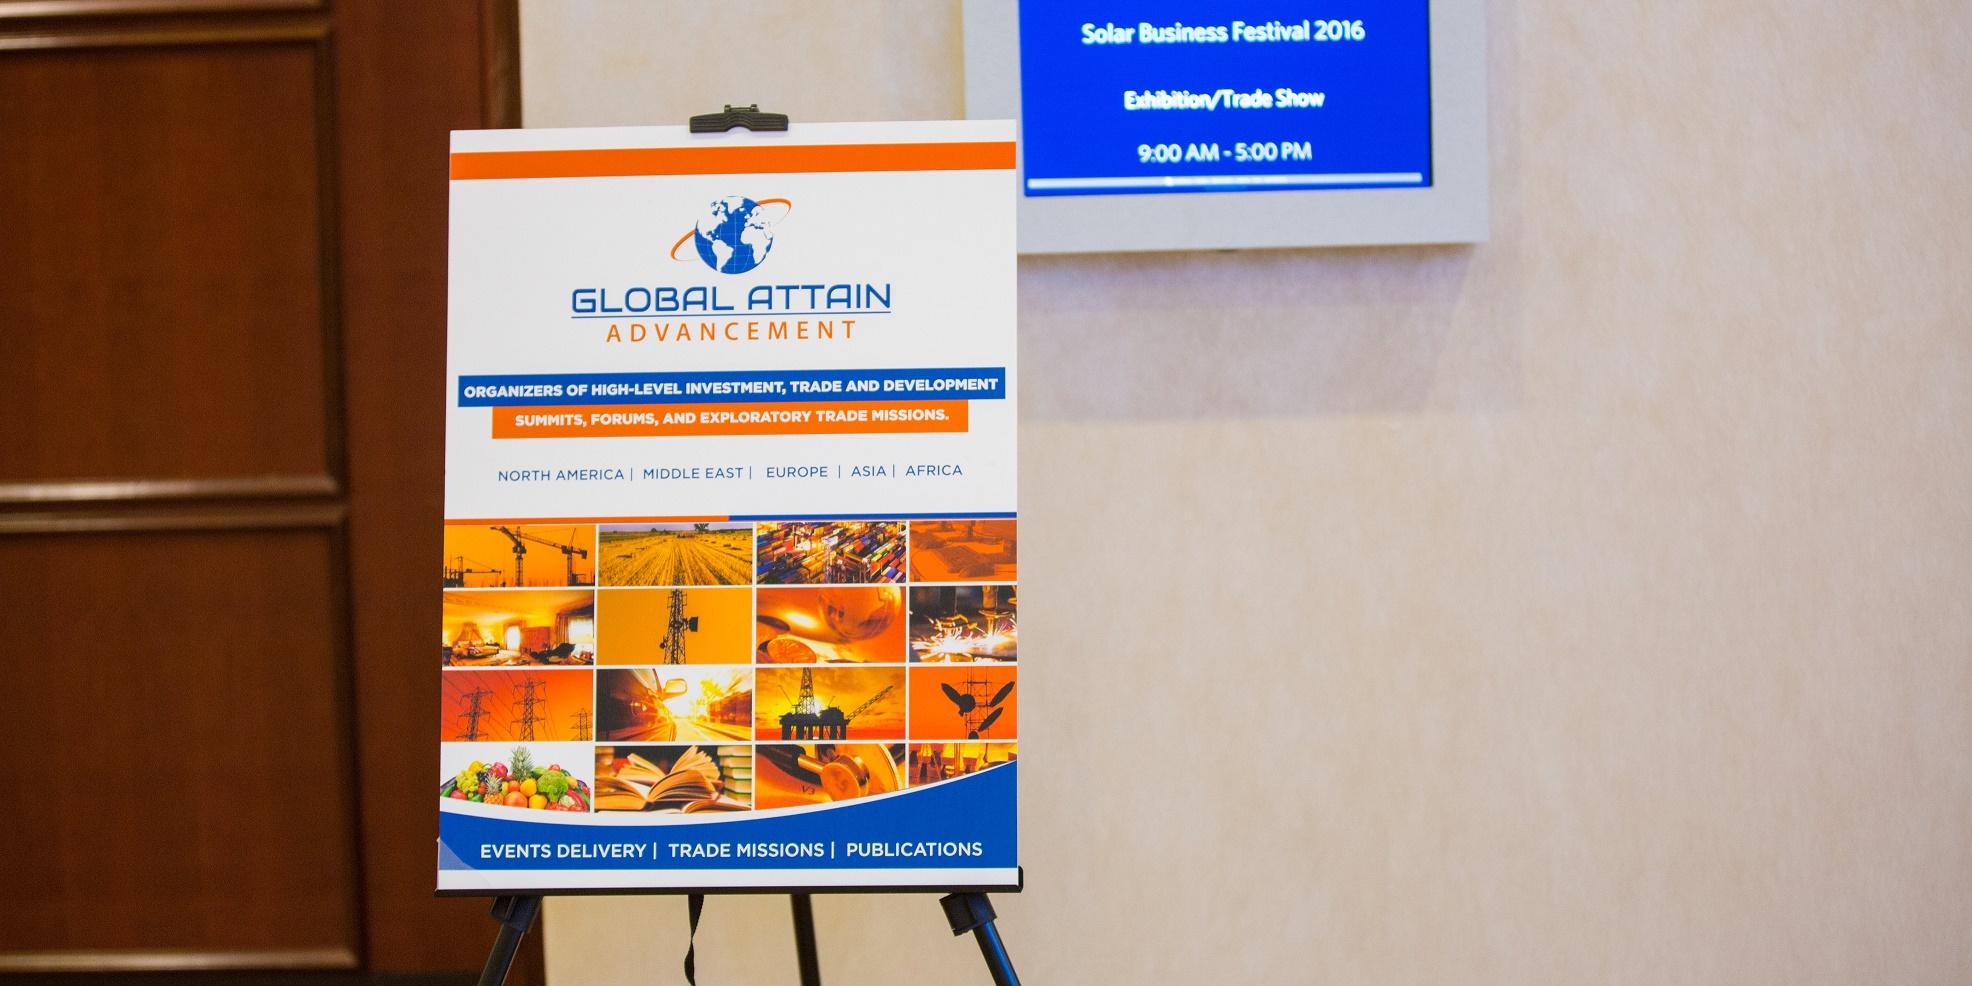 GLOBAL ATTAIN ADVANCEMENT (GAA)